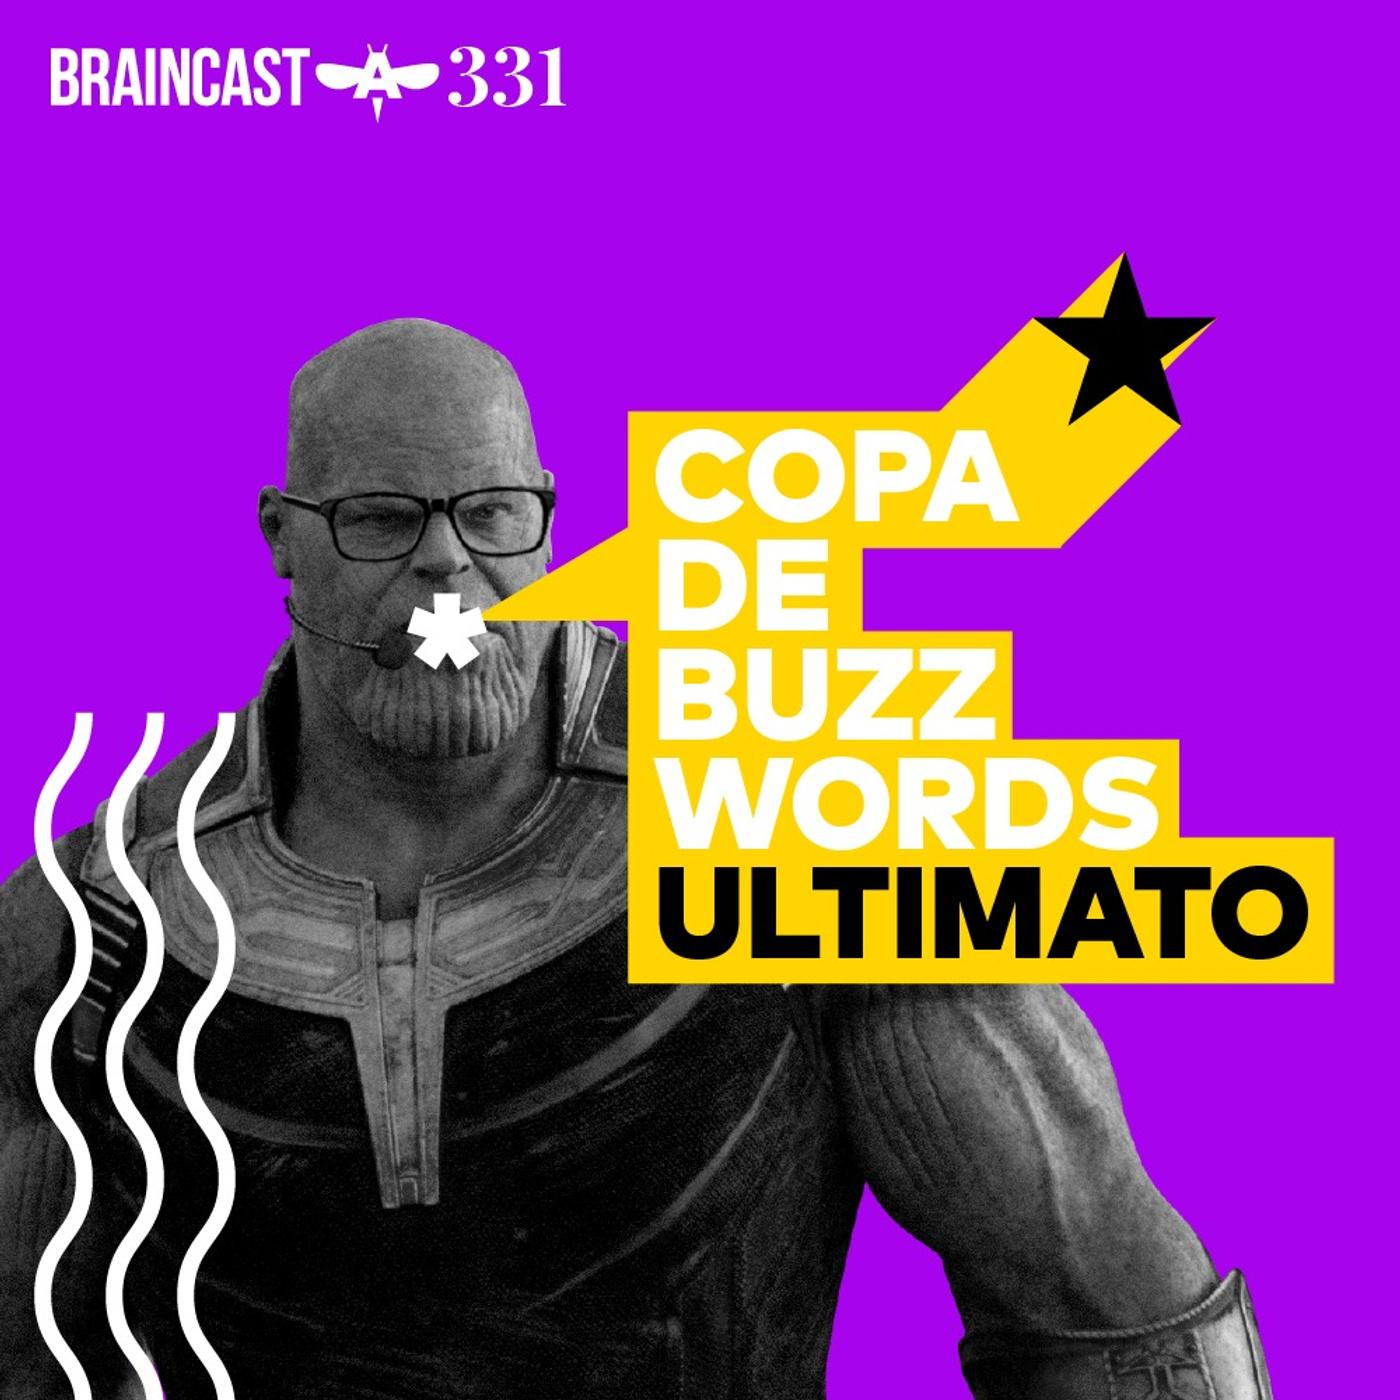 Copa de Buzzwords: Ultimato